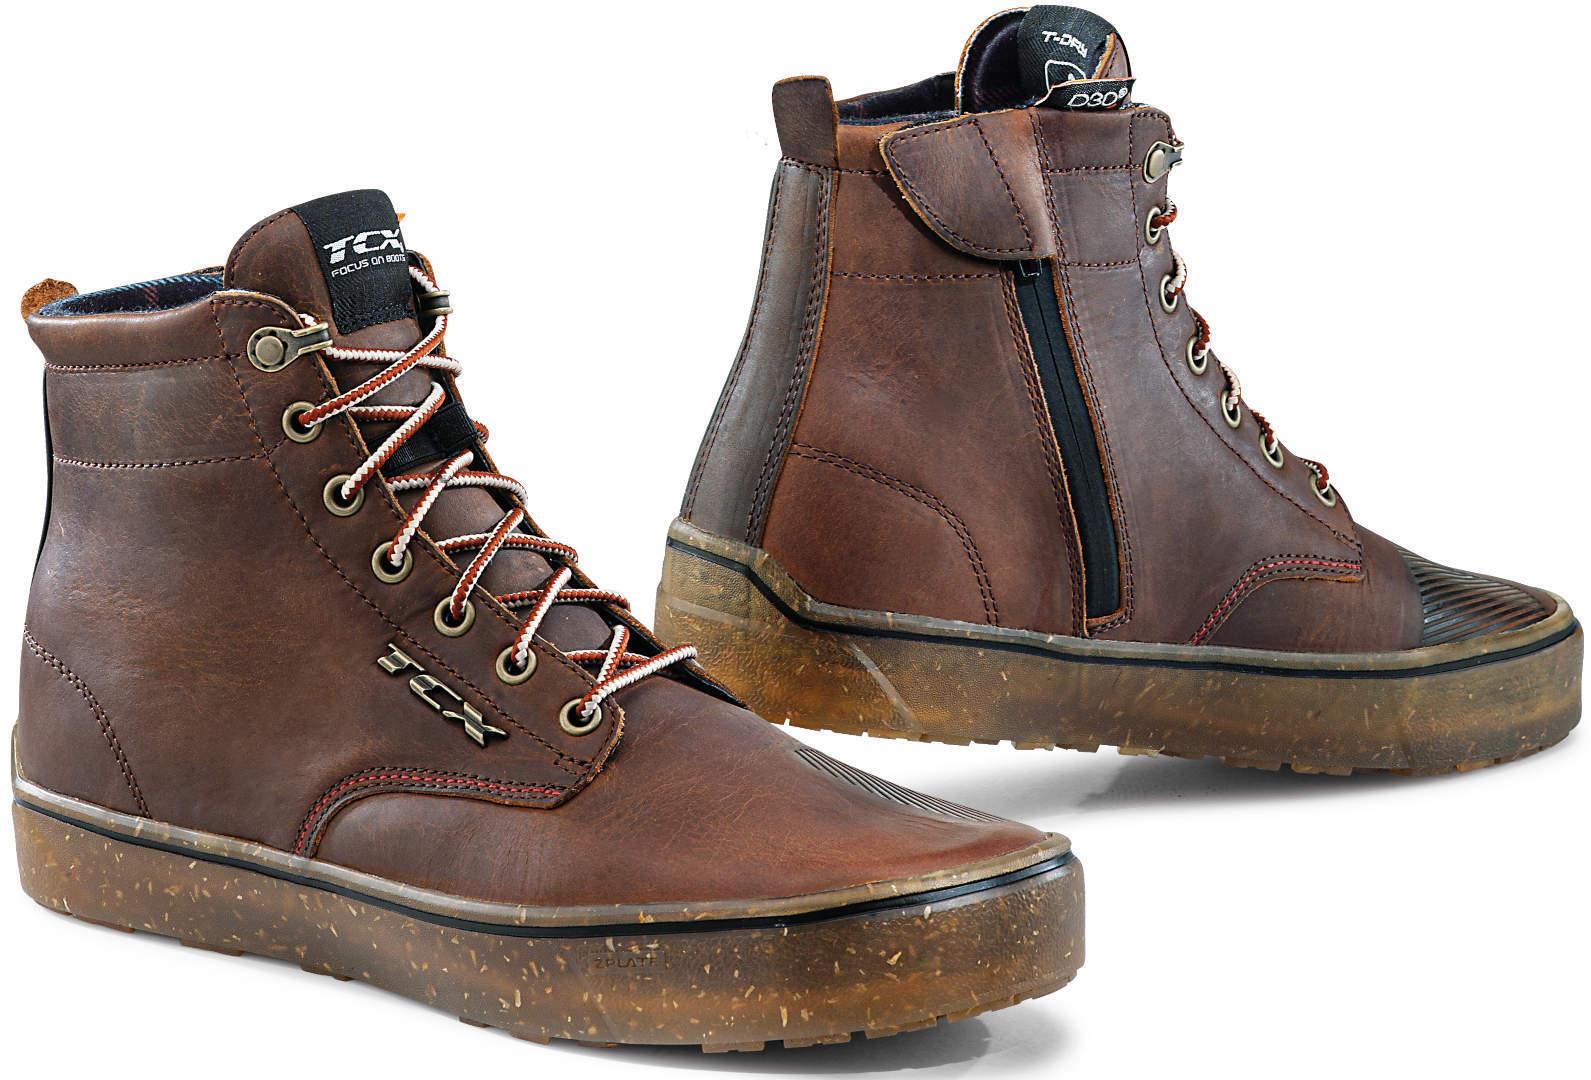 TCX Dartwood Chaussures de moto imperméables Brun taille : 44